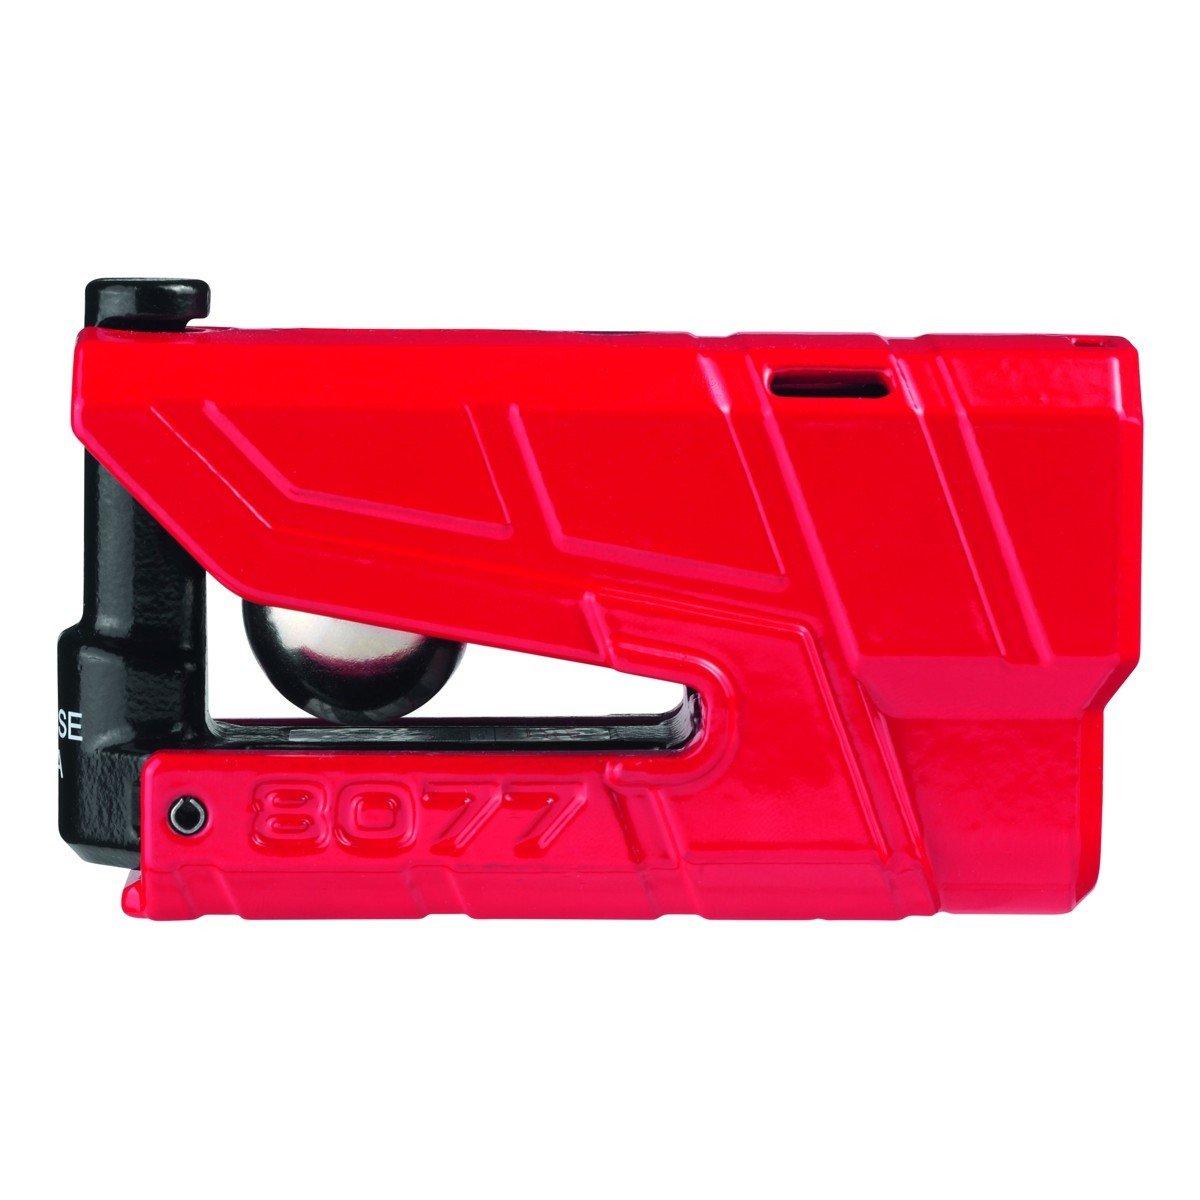 Abus Granit Detecto X-Plus 8077 Red